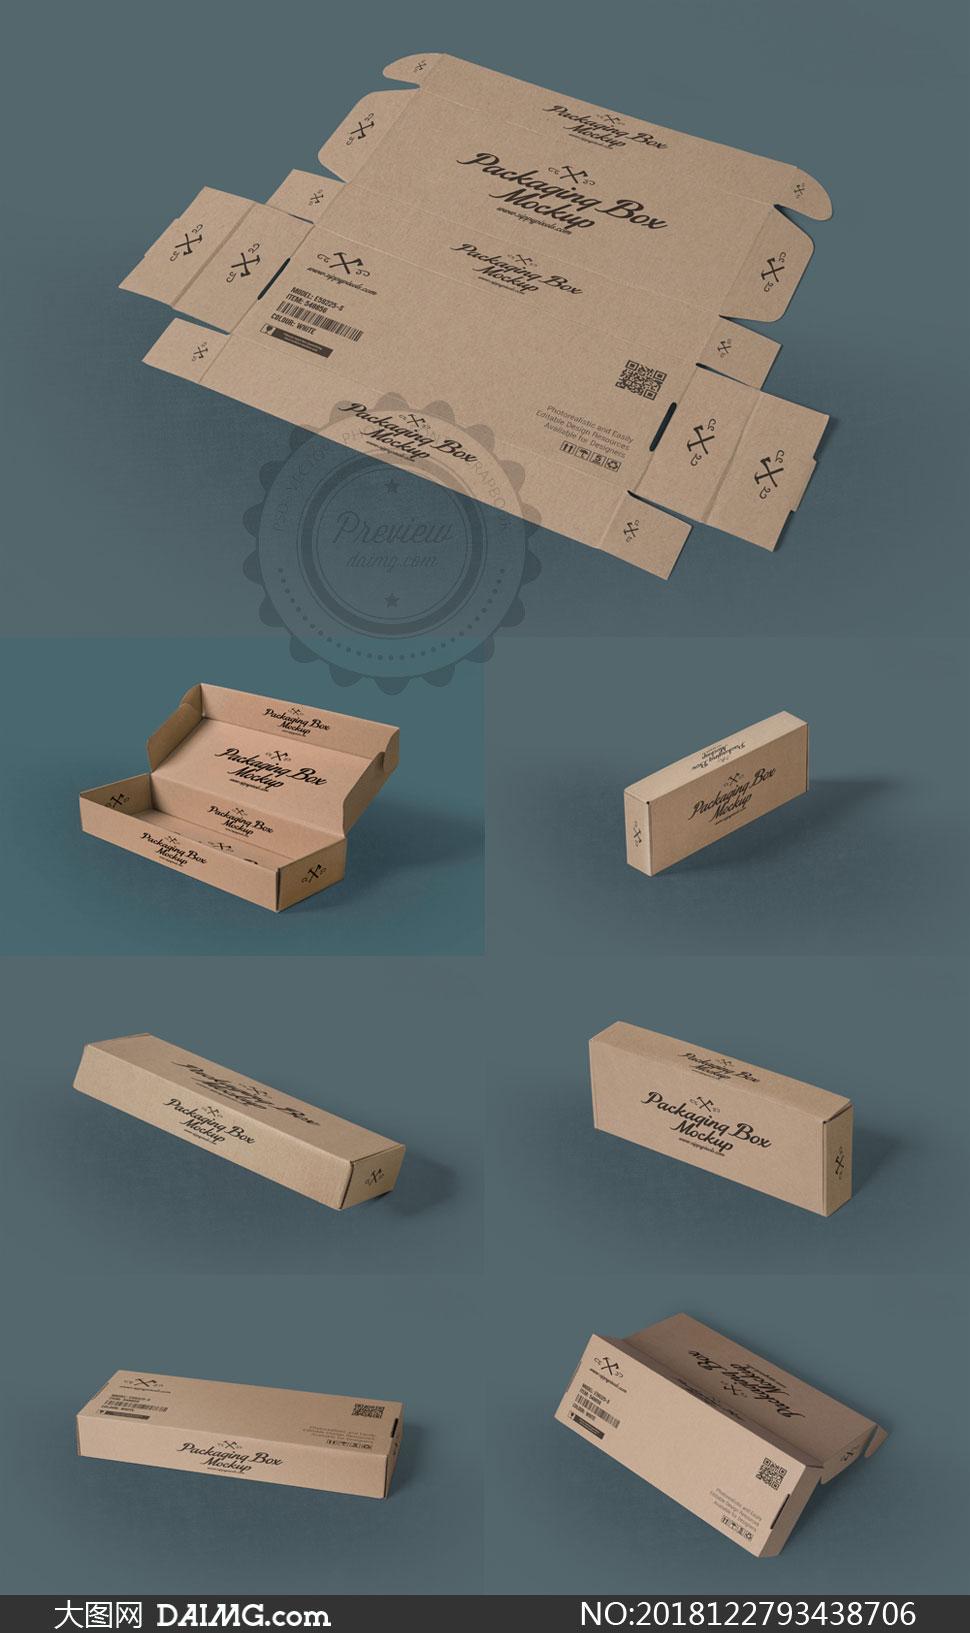 纸盒与展开效果图展示样机模板文件